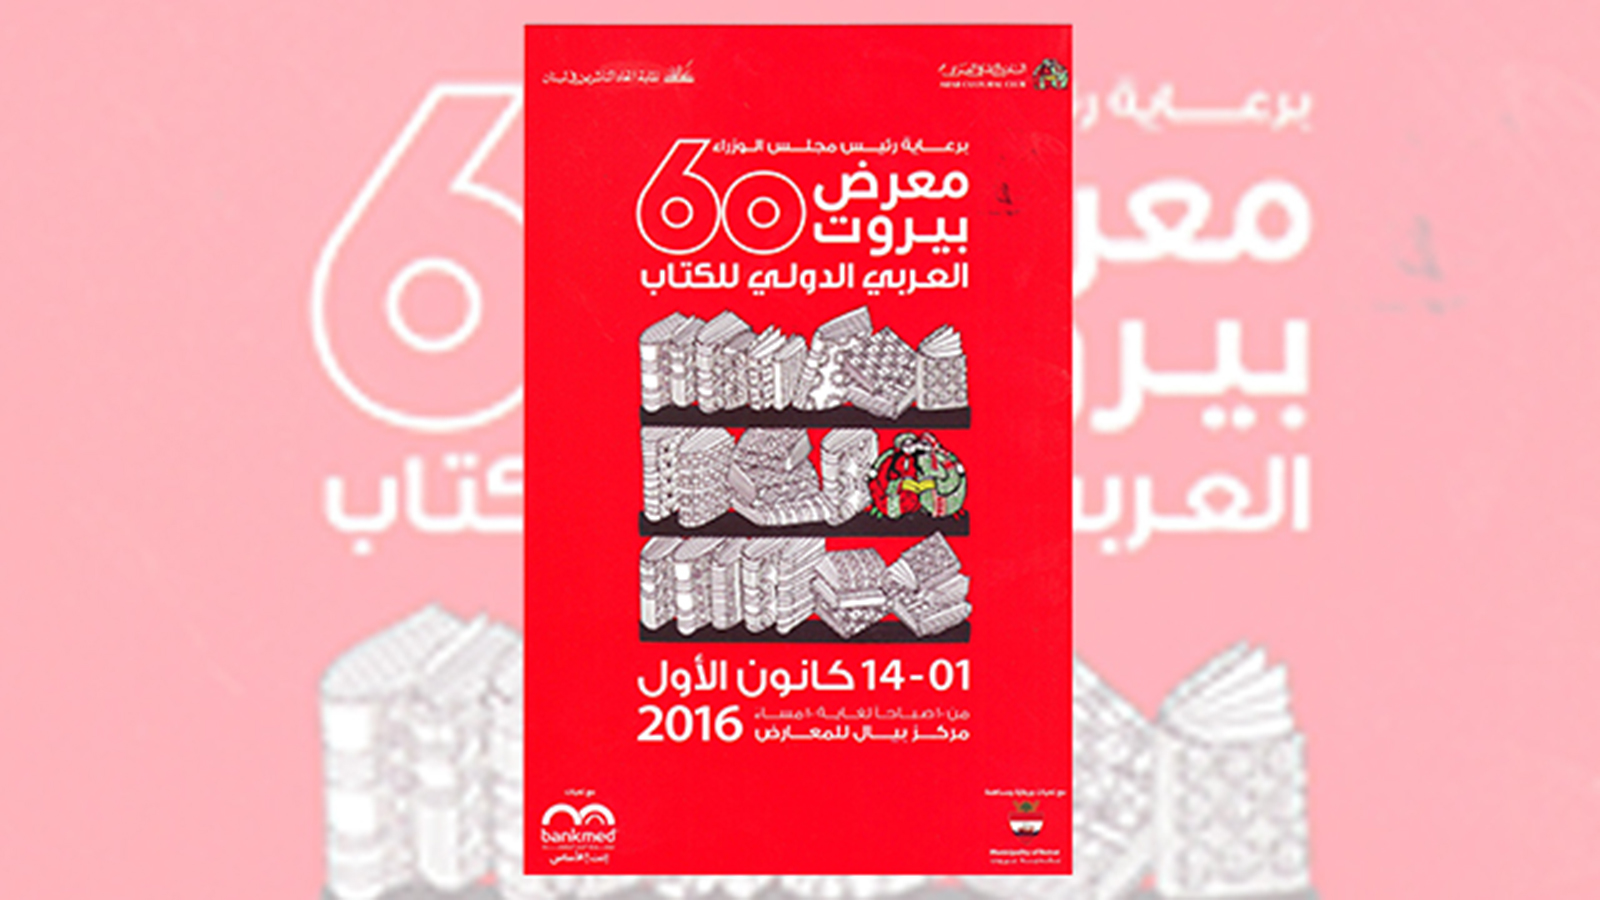 dbf64ad2-73a2-4ec2-af42-ae1953ecf41e